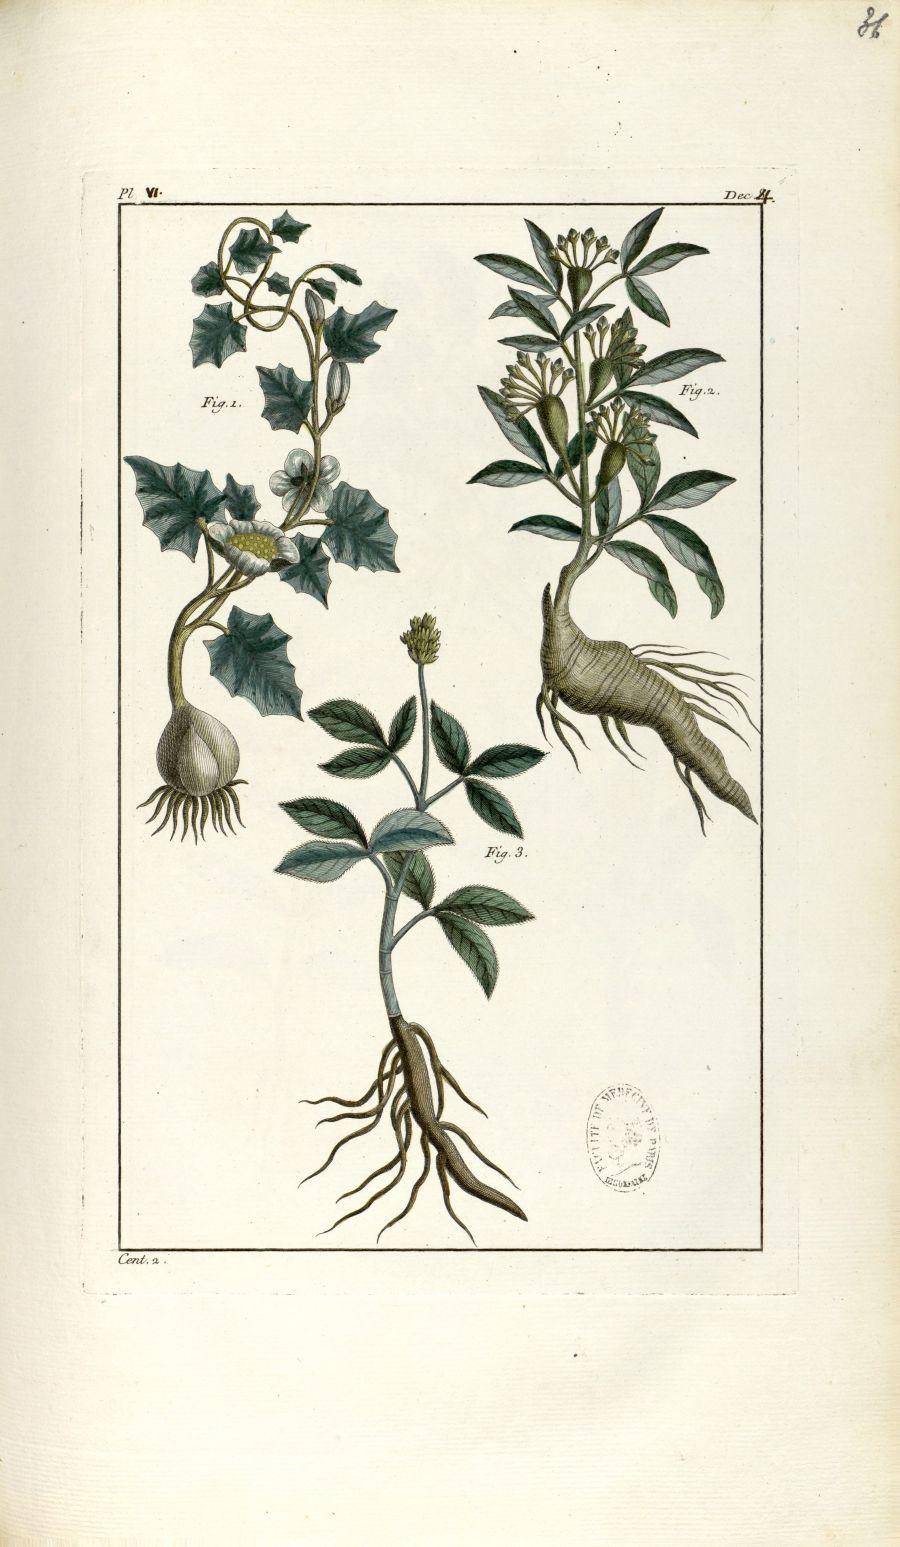 Planche VI. Dec. 4. Cent. 2 - Herbier ou collection des plantes médicinales de la Chine d'après un m [...] - Botanique. Plantes (médecine). Chine. 18e siècle - med01989x0039